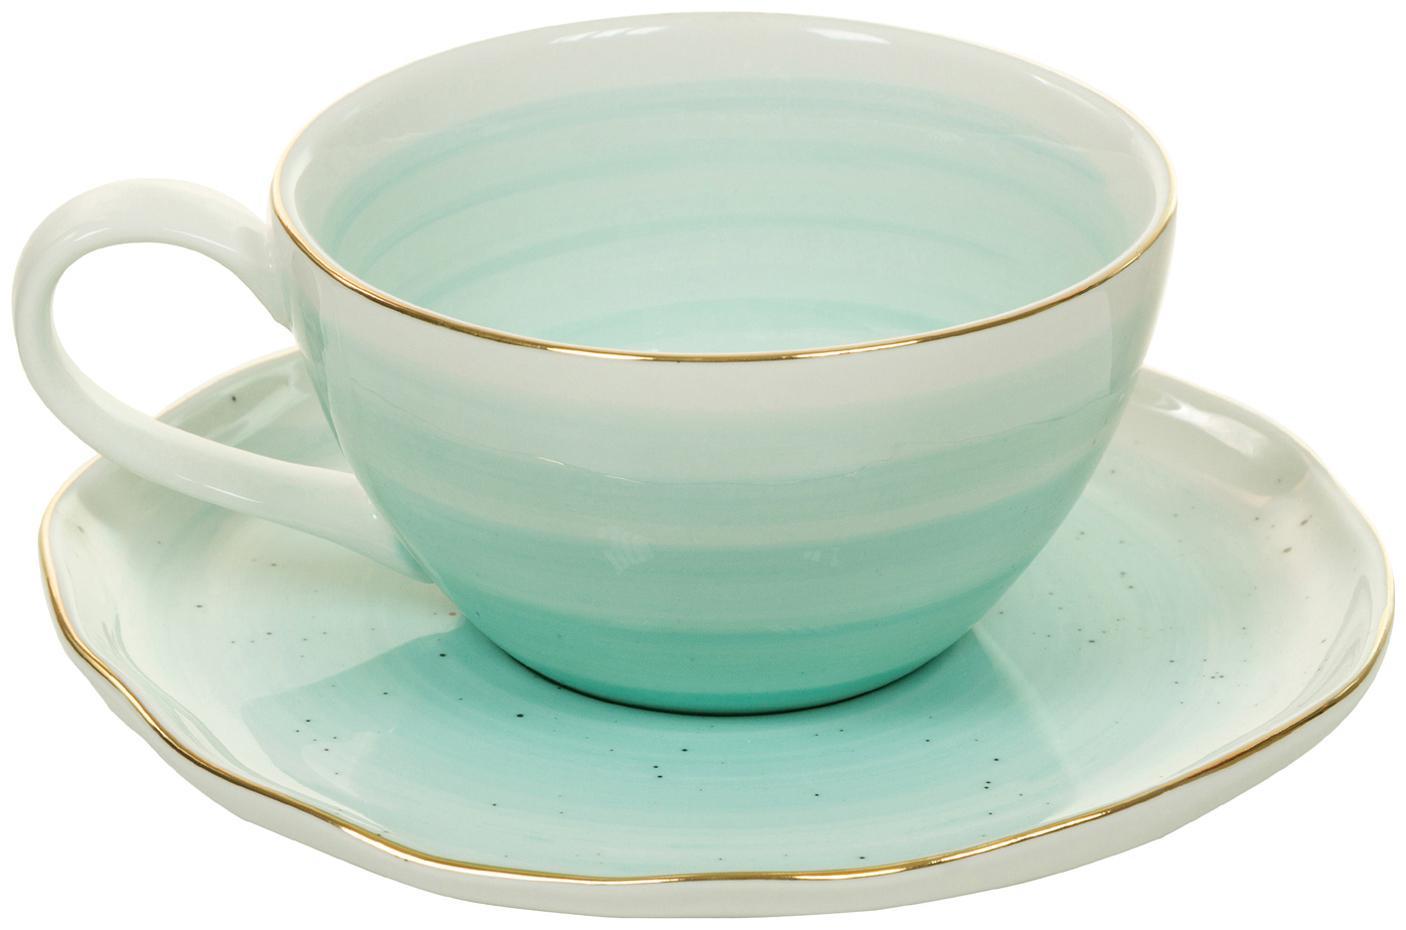 Set4 tazze fatte a mano  con bordo dorato Bol, Porcellana, Blu turchese, Ø 10 x Alt. 6 cm